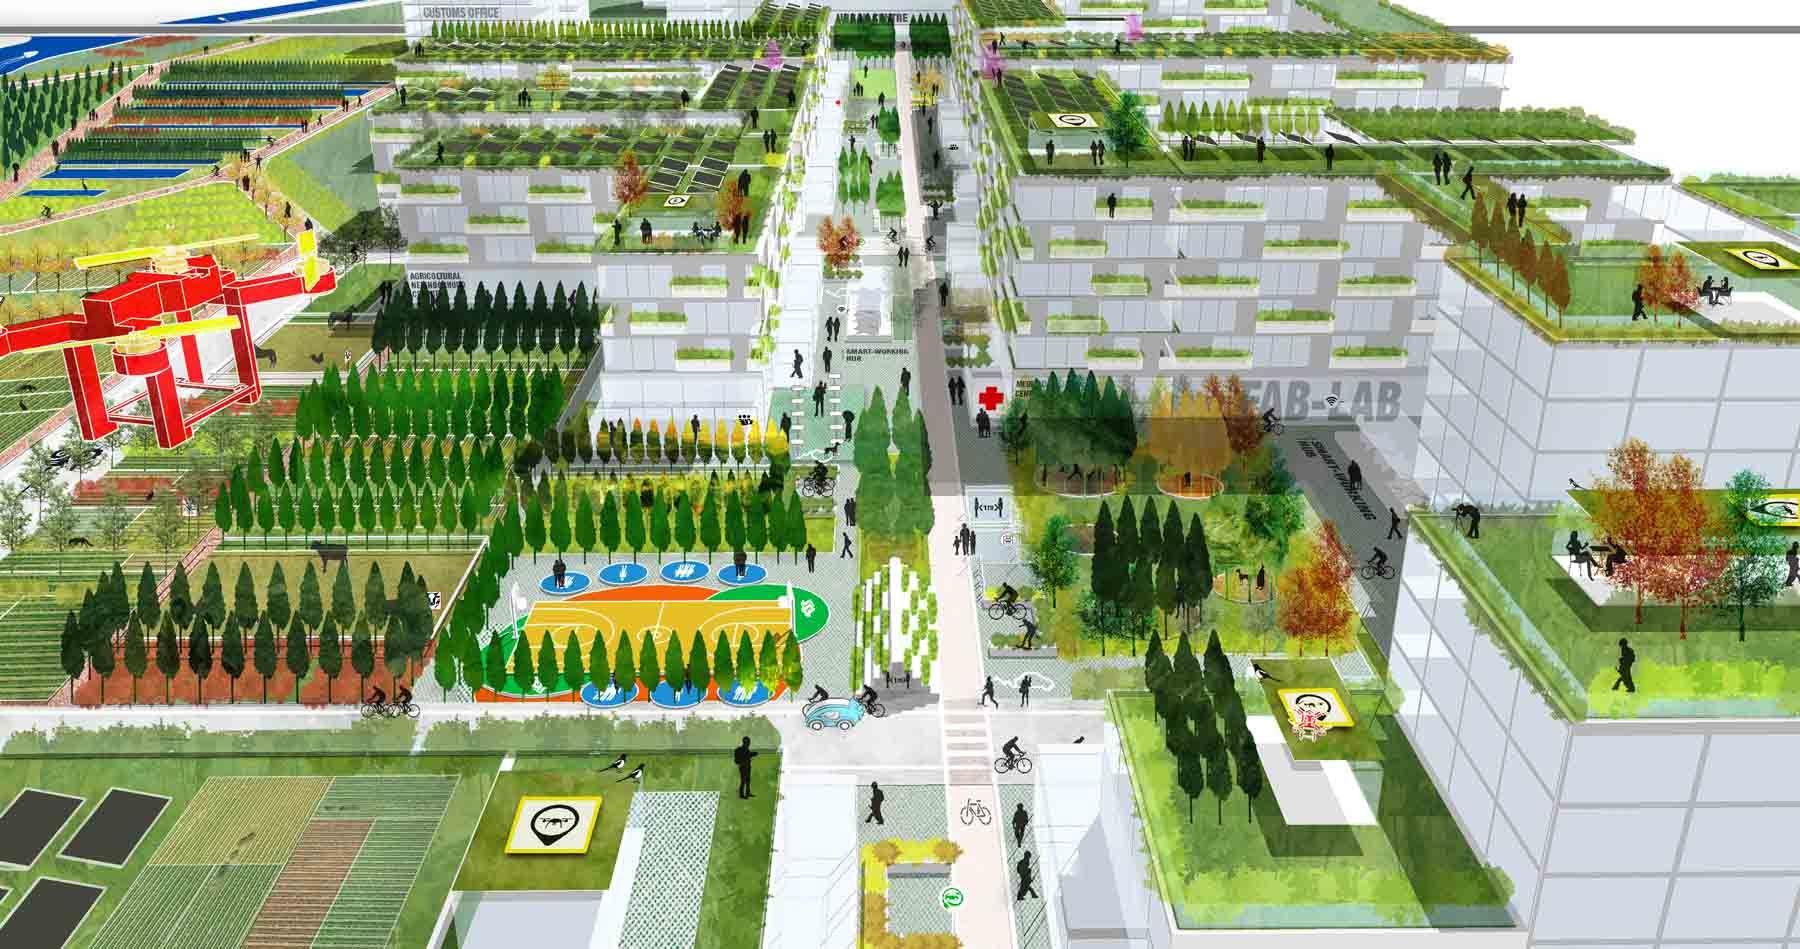 Os jardins nos telhados estão entre os destaques do projeto: coletivos, mas não necessariamente públicos. Foto: Stefano Boeri Architetti